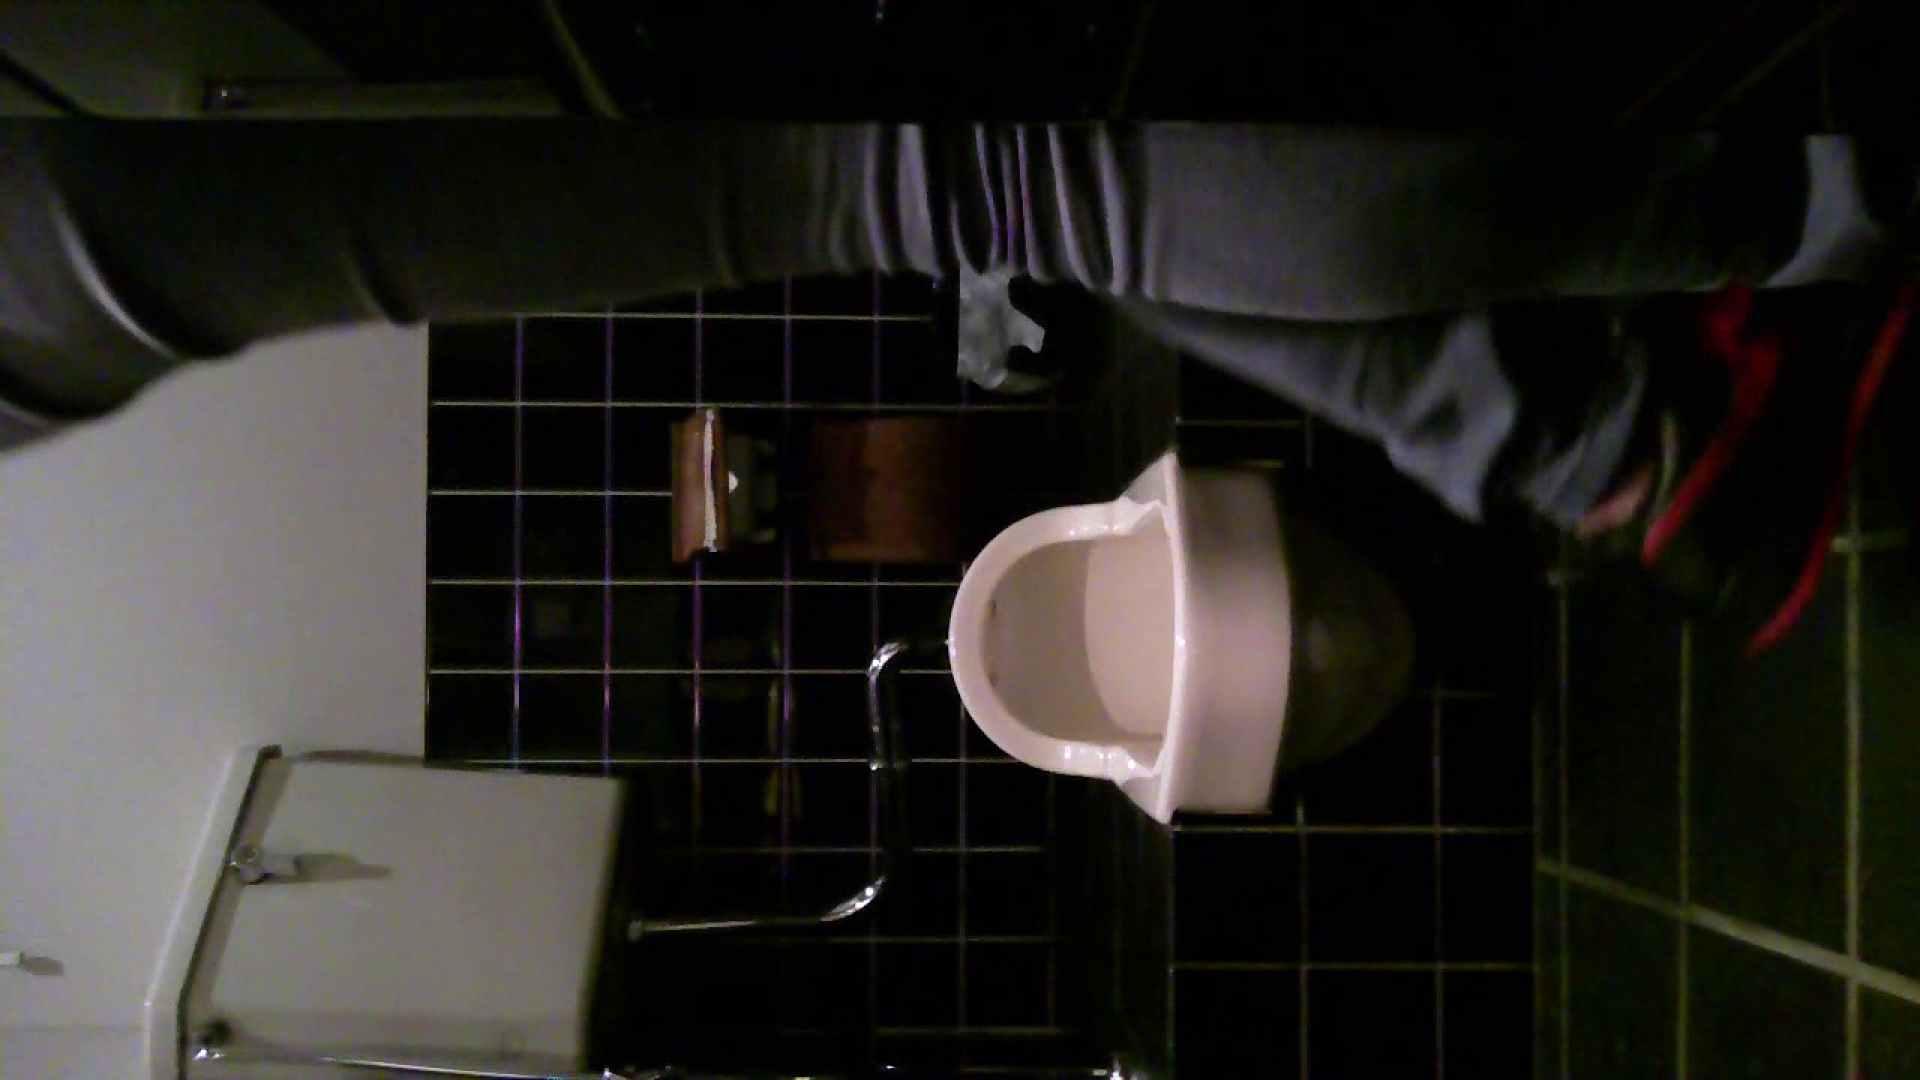 美女の集まる飲み屋洗面所 vol.02 美女エロ画像  99PICs 20